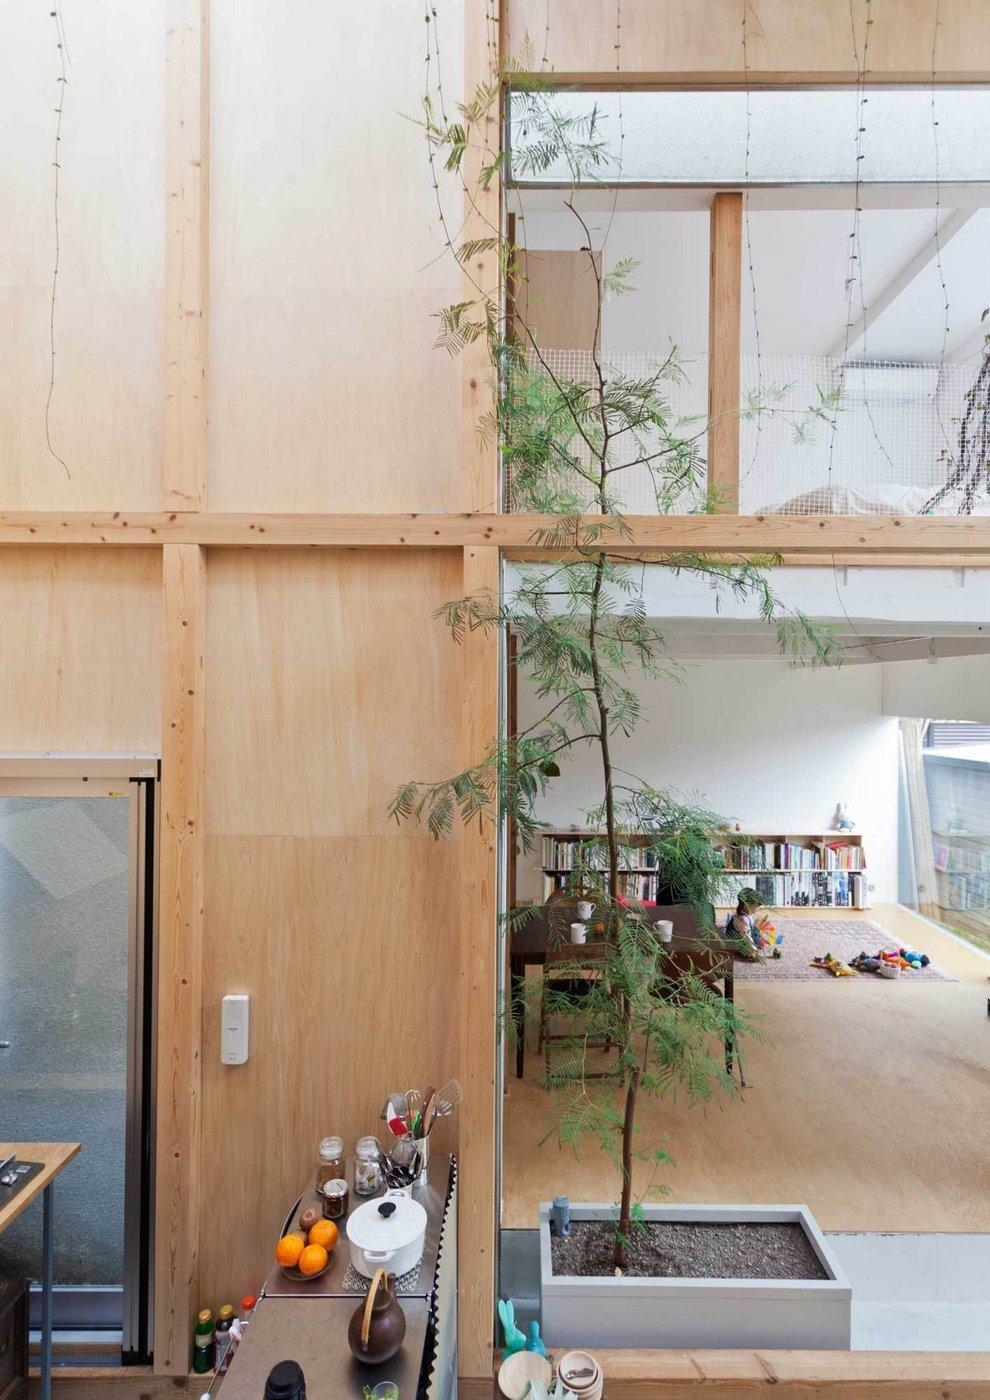 House-Komazawa-Park-Mico (12)